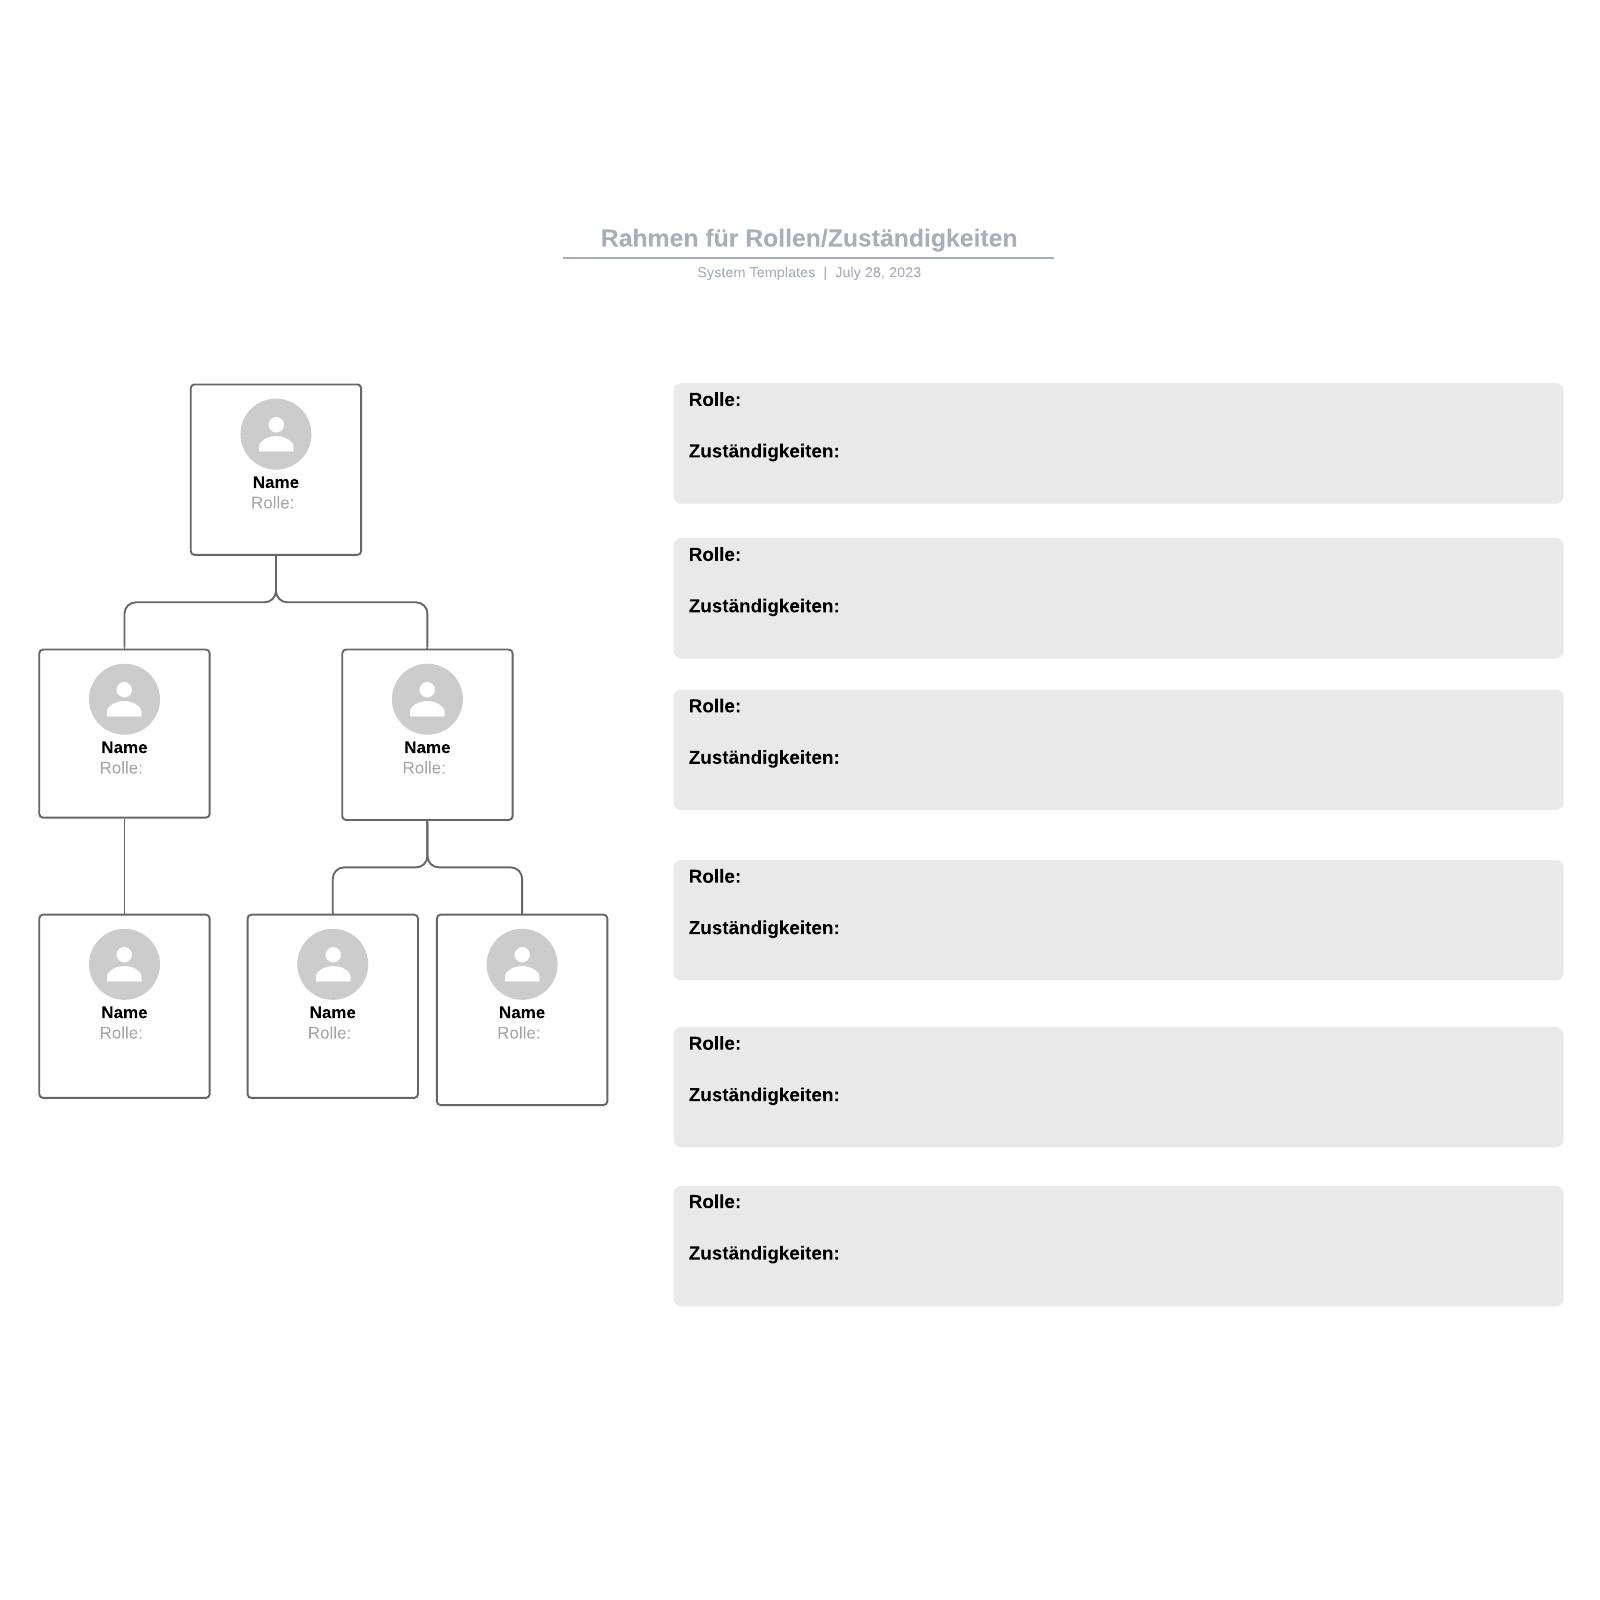 Rahmen für Rollen/Zuständigkeiten - Vorlage